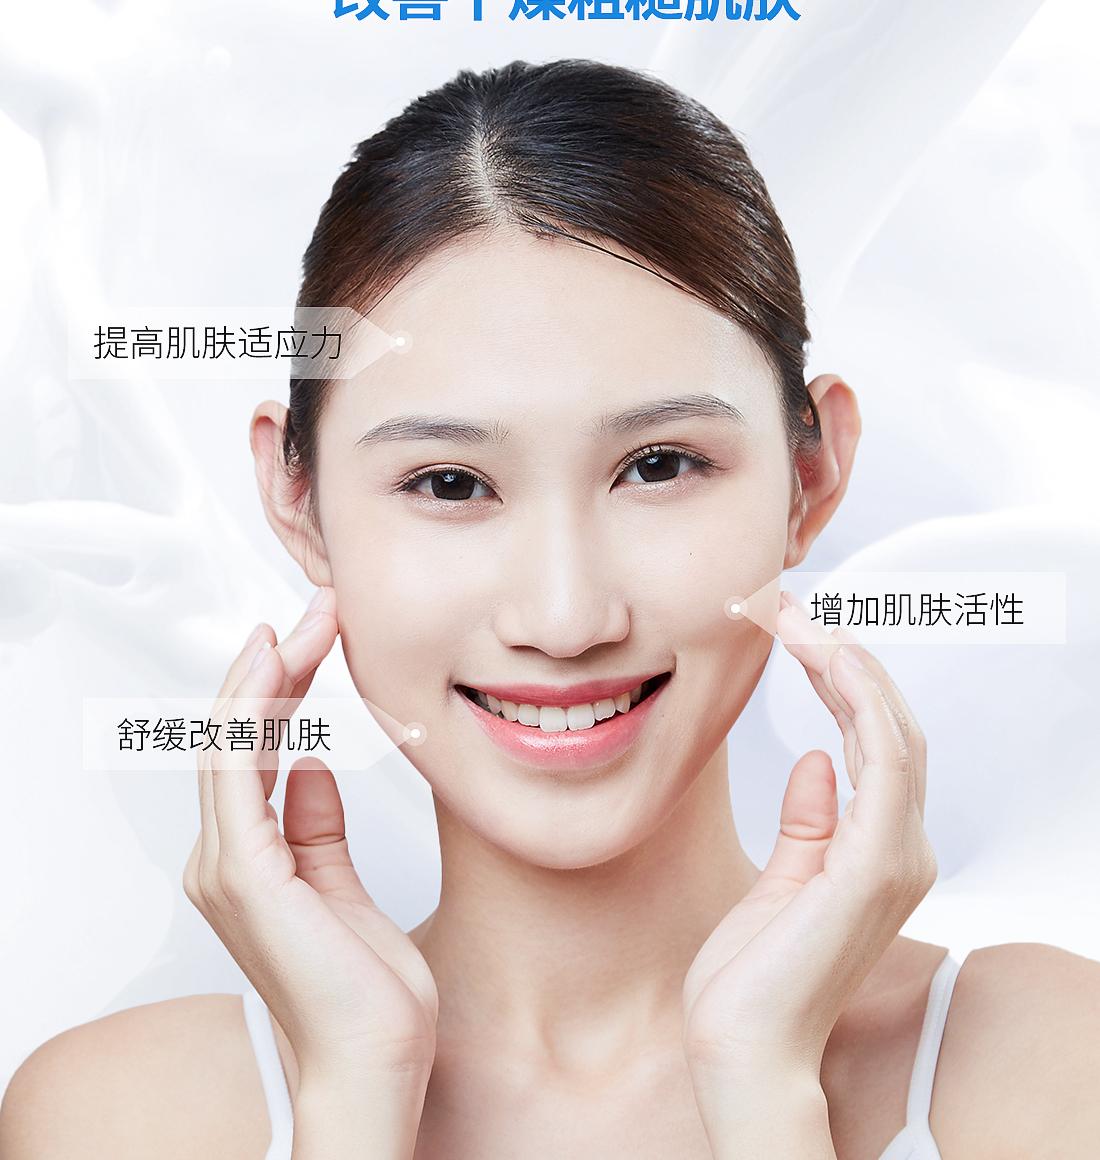 觅韵强力去除老旧角质,改善干燥粗糙肌肤